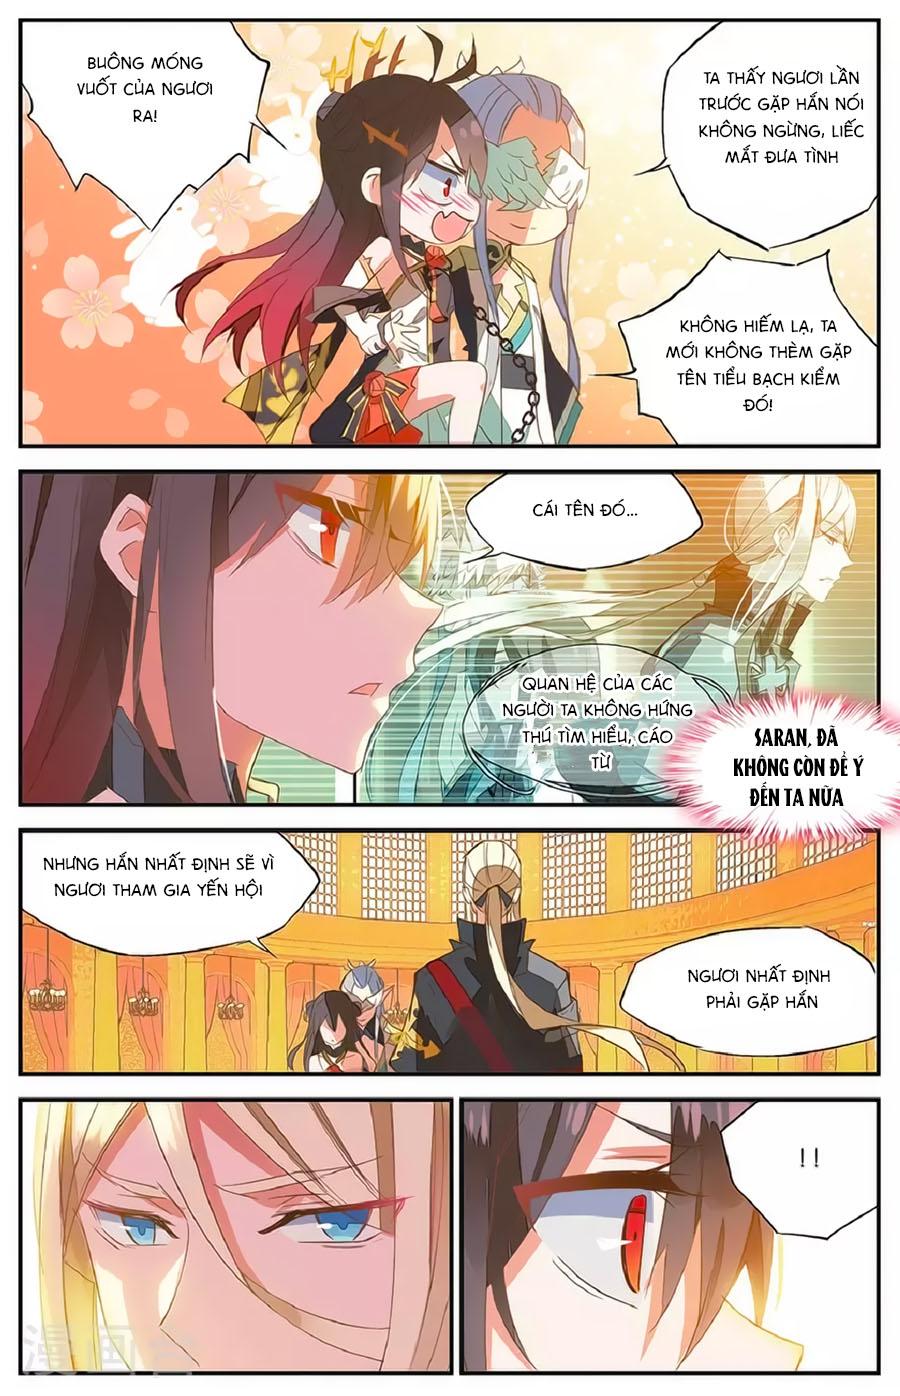 Nữ Nhân Dũng Cảm chap 61 - Trang 4